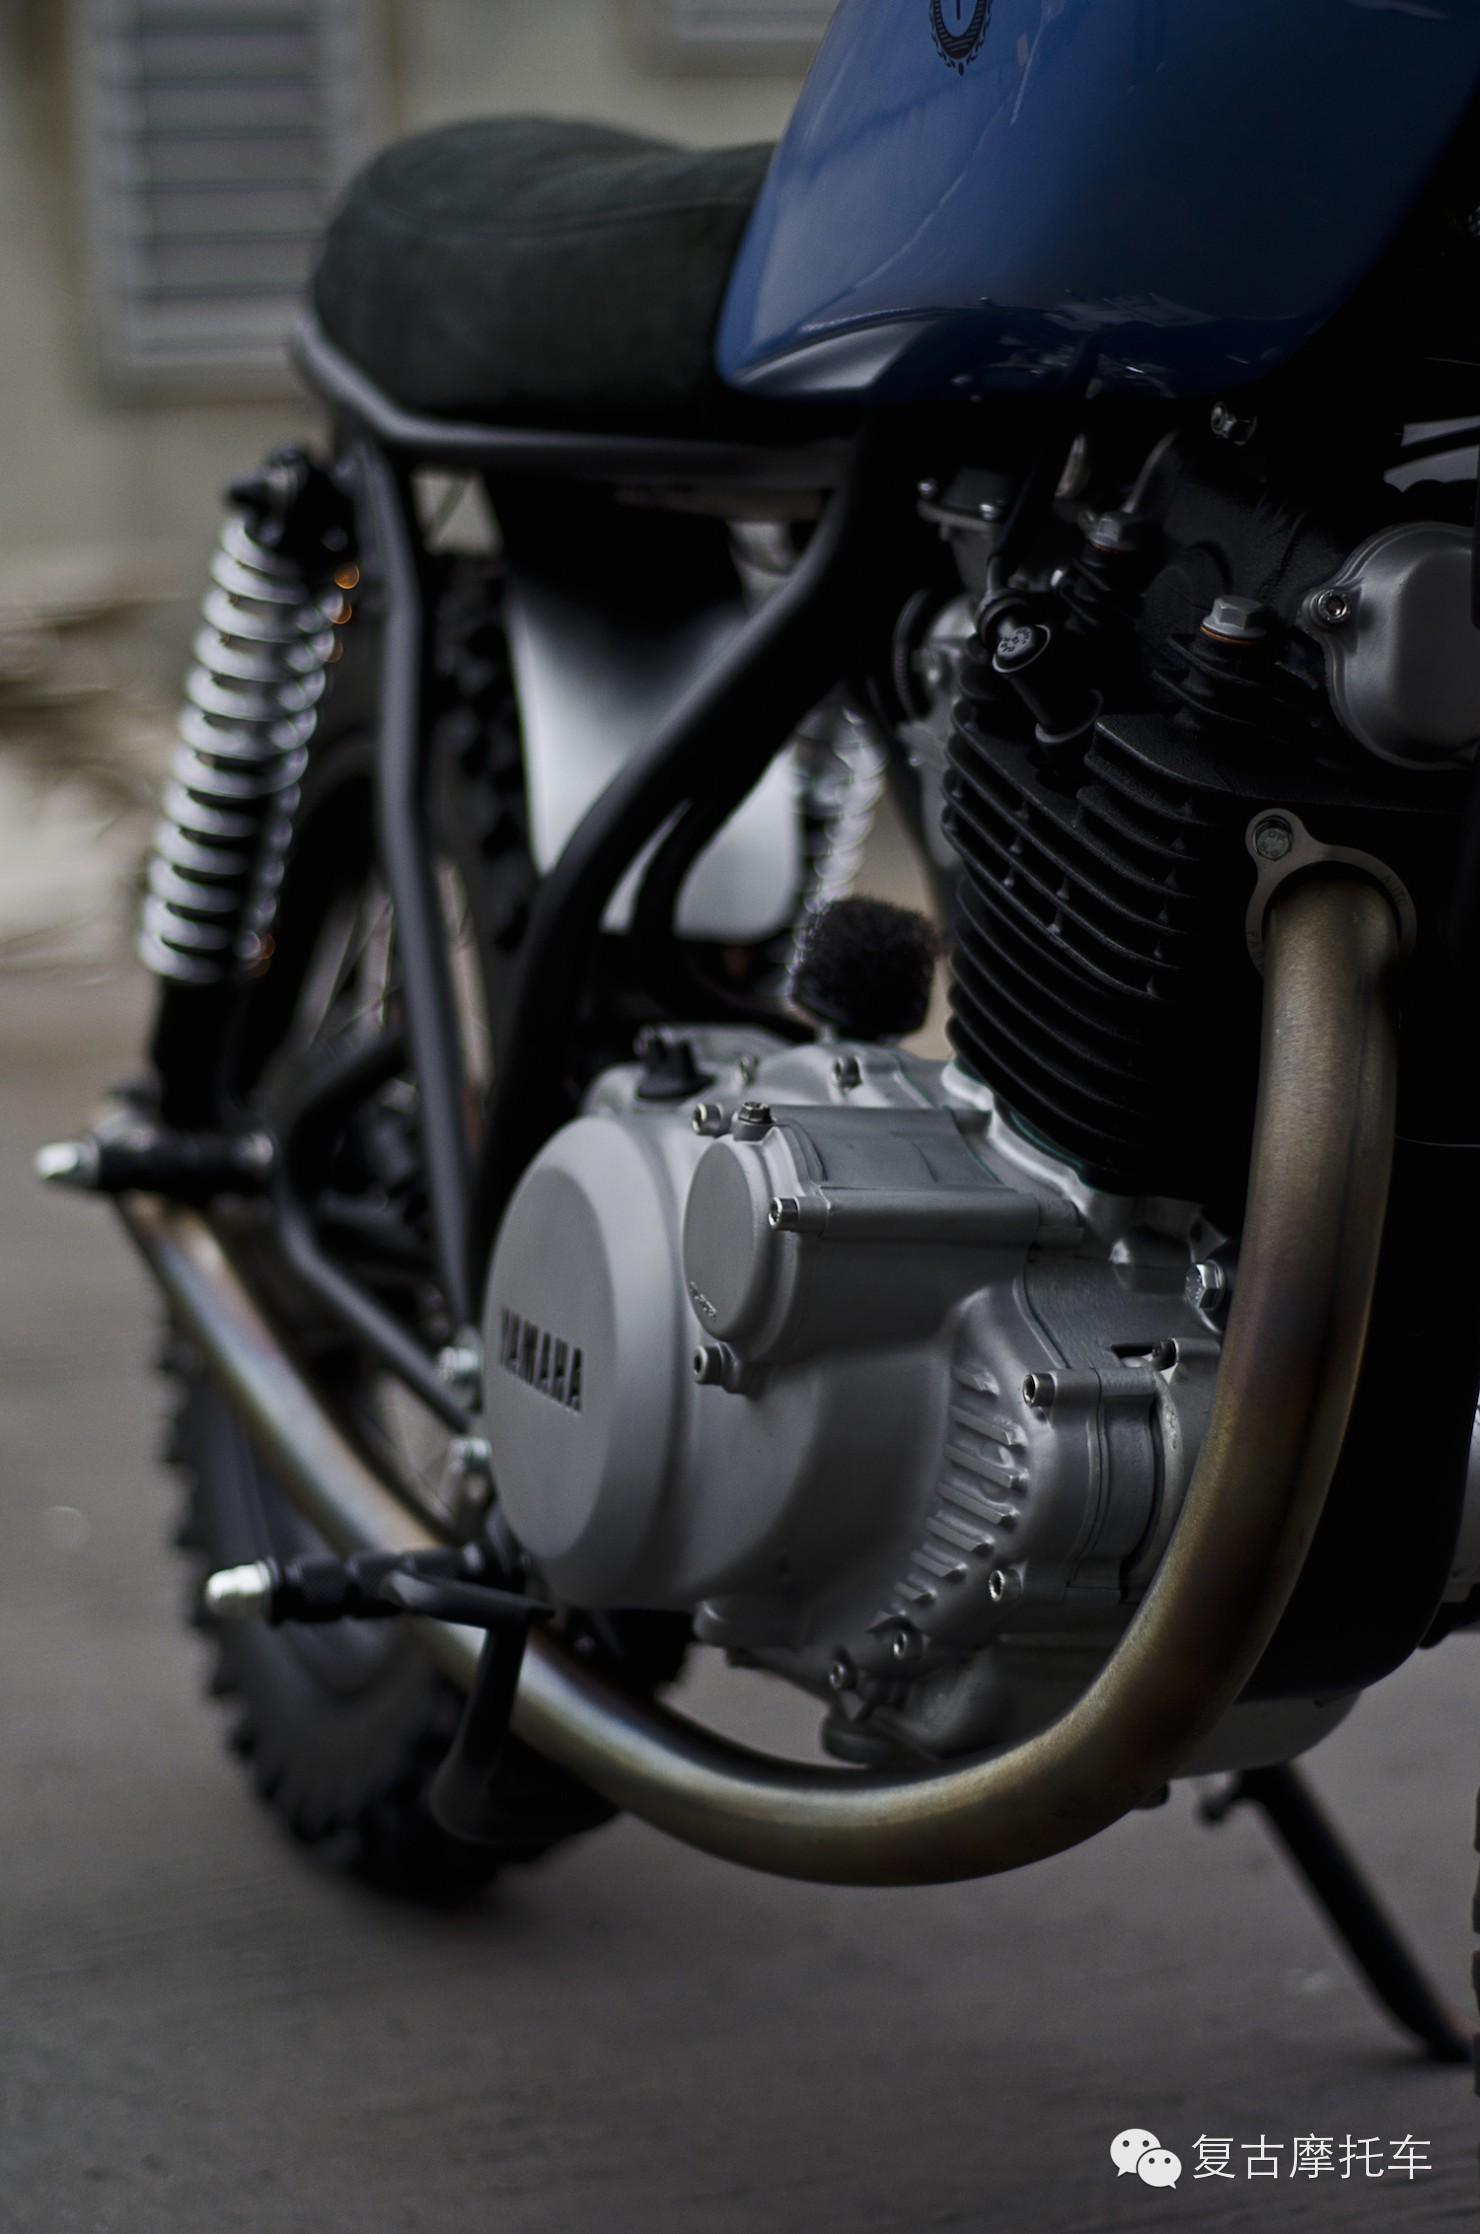 (新思路)雅马哈sr250摩托车改装